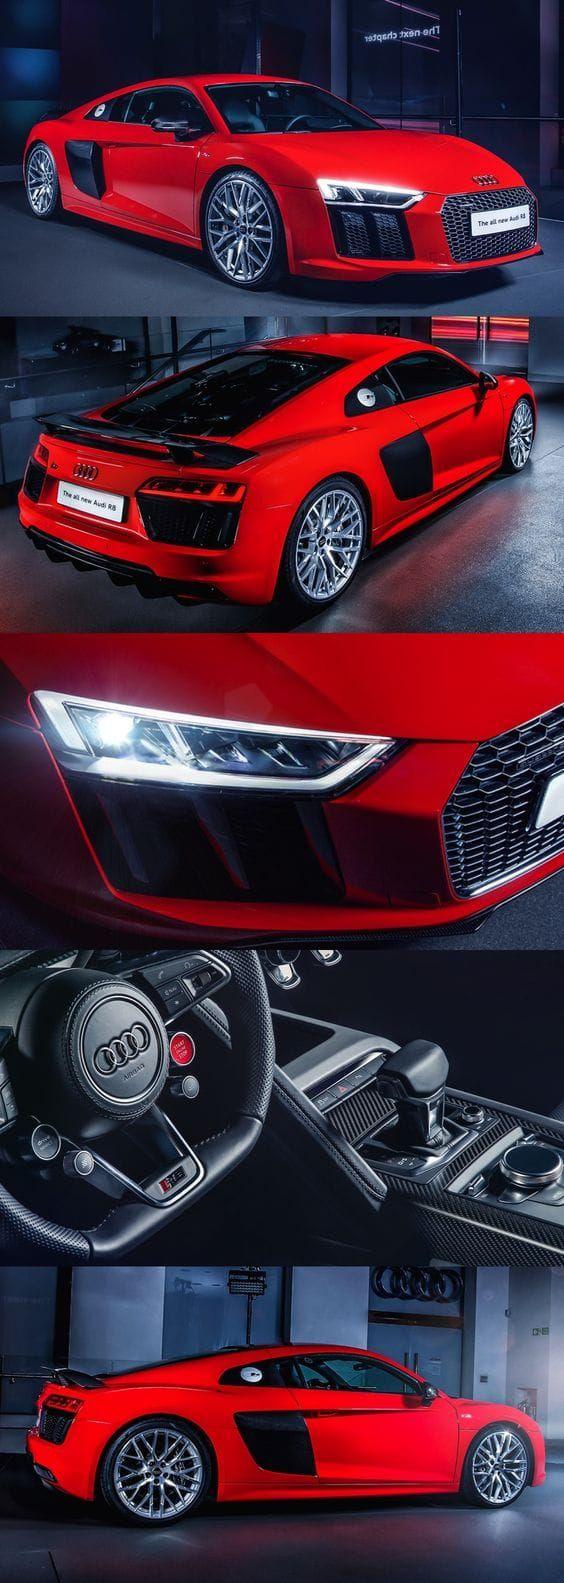 2017 Véhicules concept ''2017 Audi R8 V10 Concept '' Nouvelles voitures et prototypes pour 2017. Zippertravel.